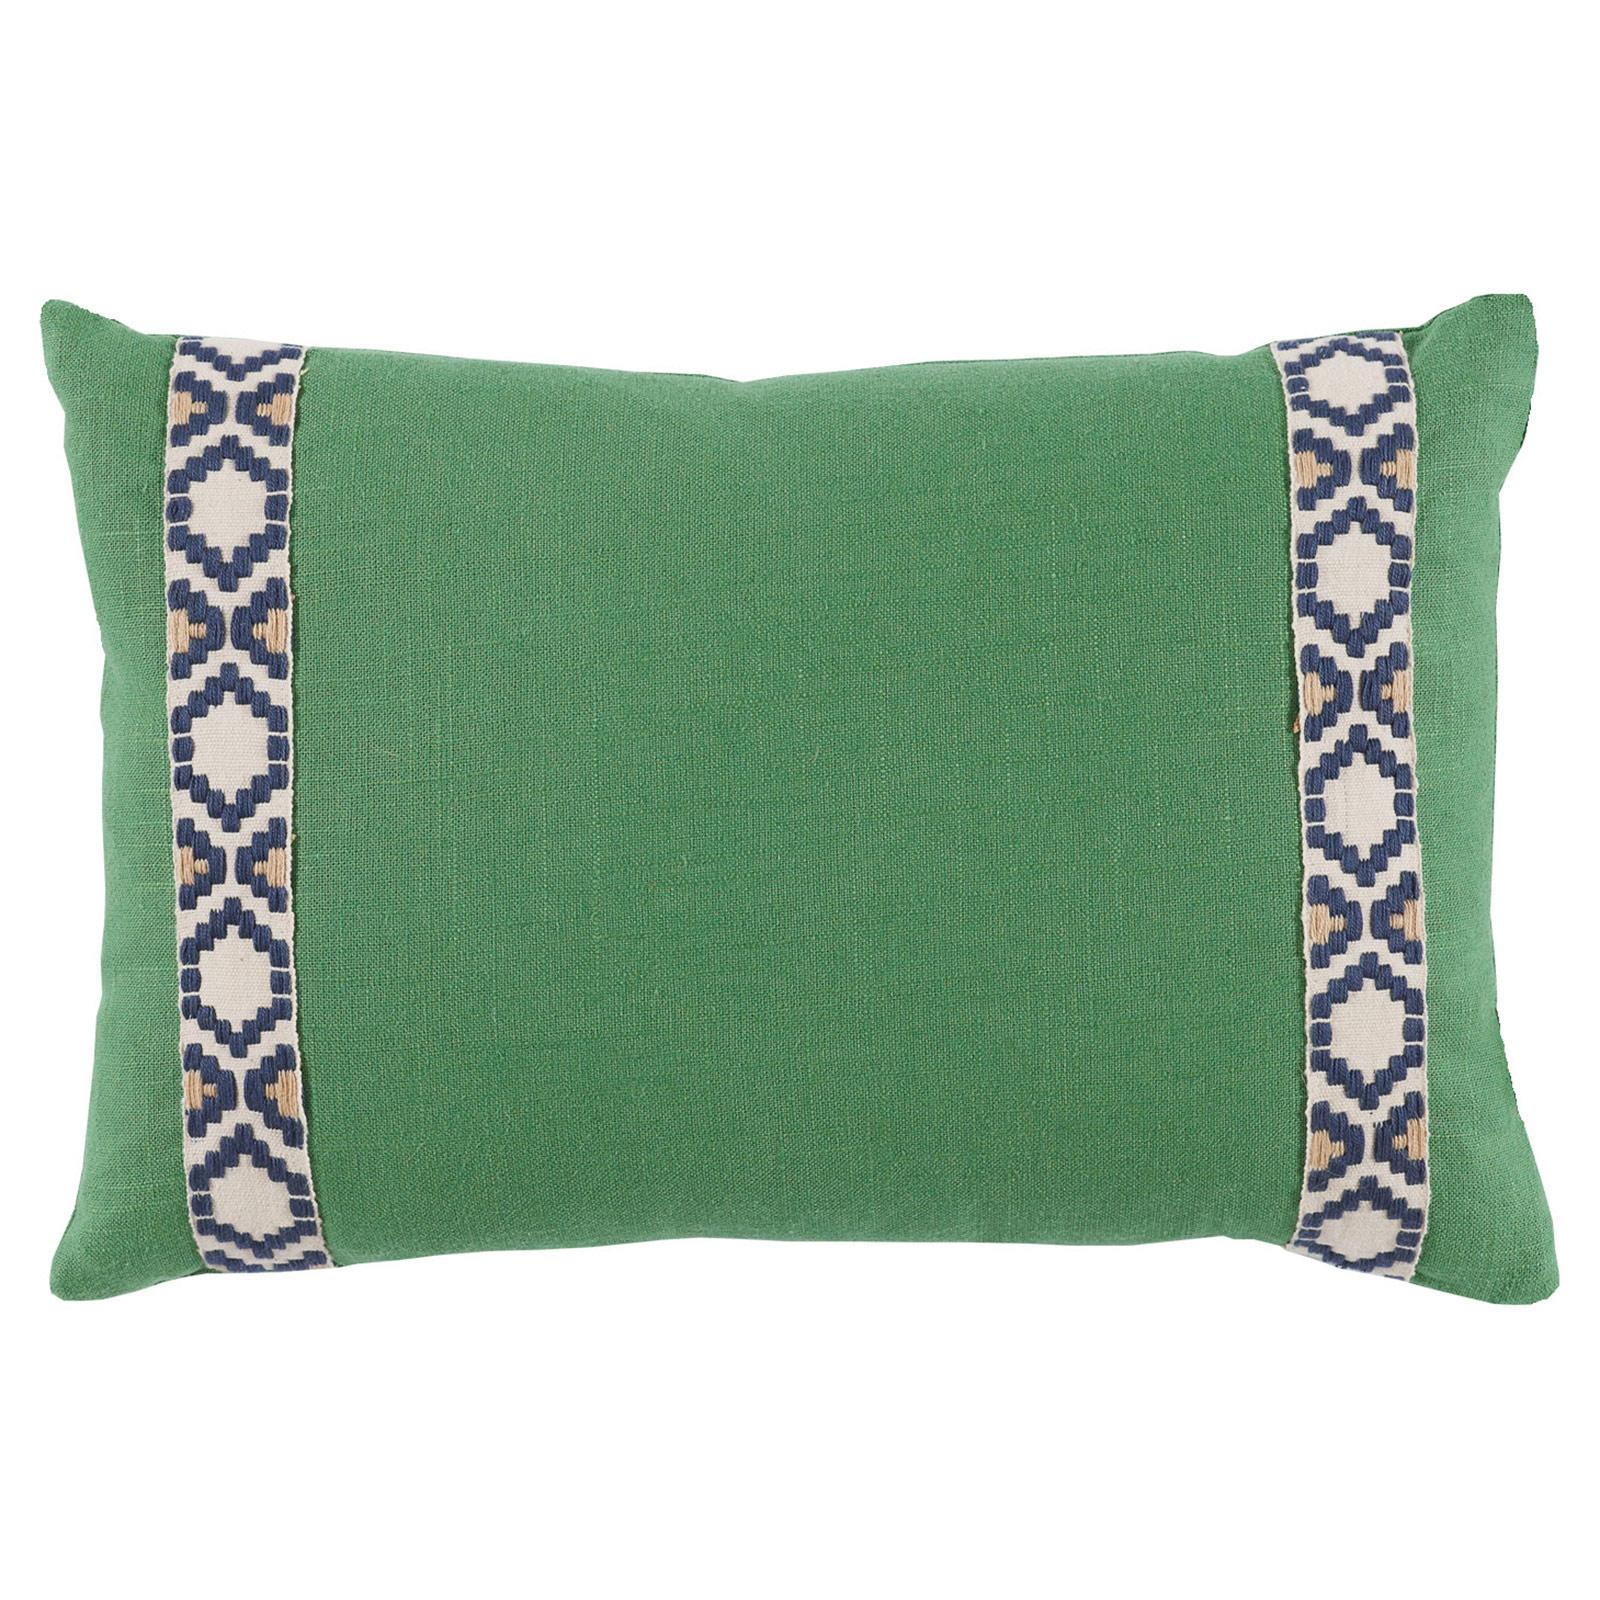 Kaia Global Green Linen Trim Band Pillow - 13x19